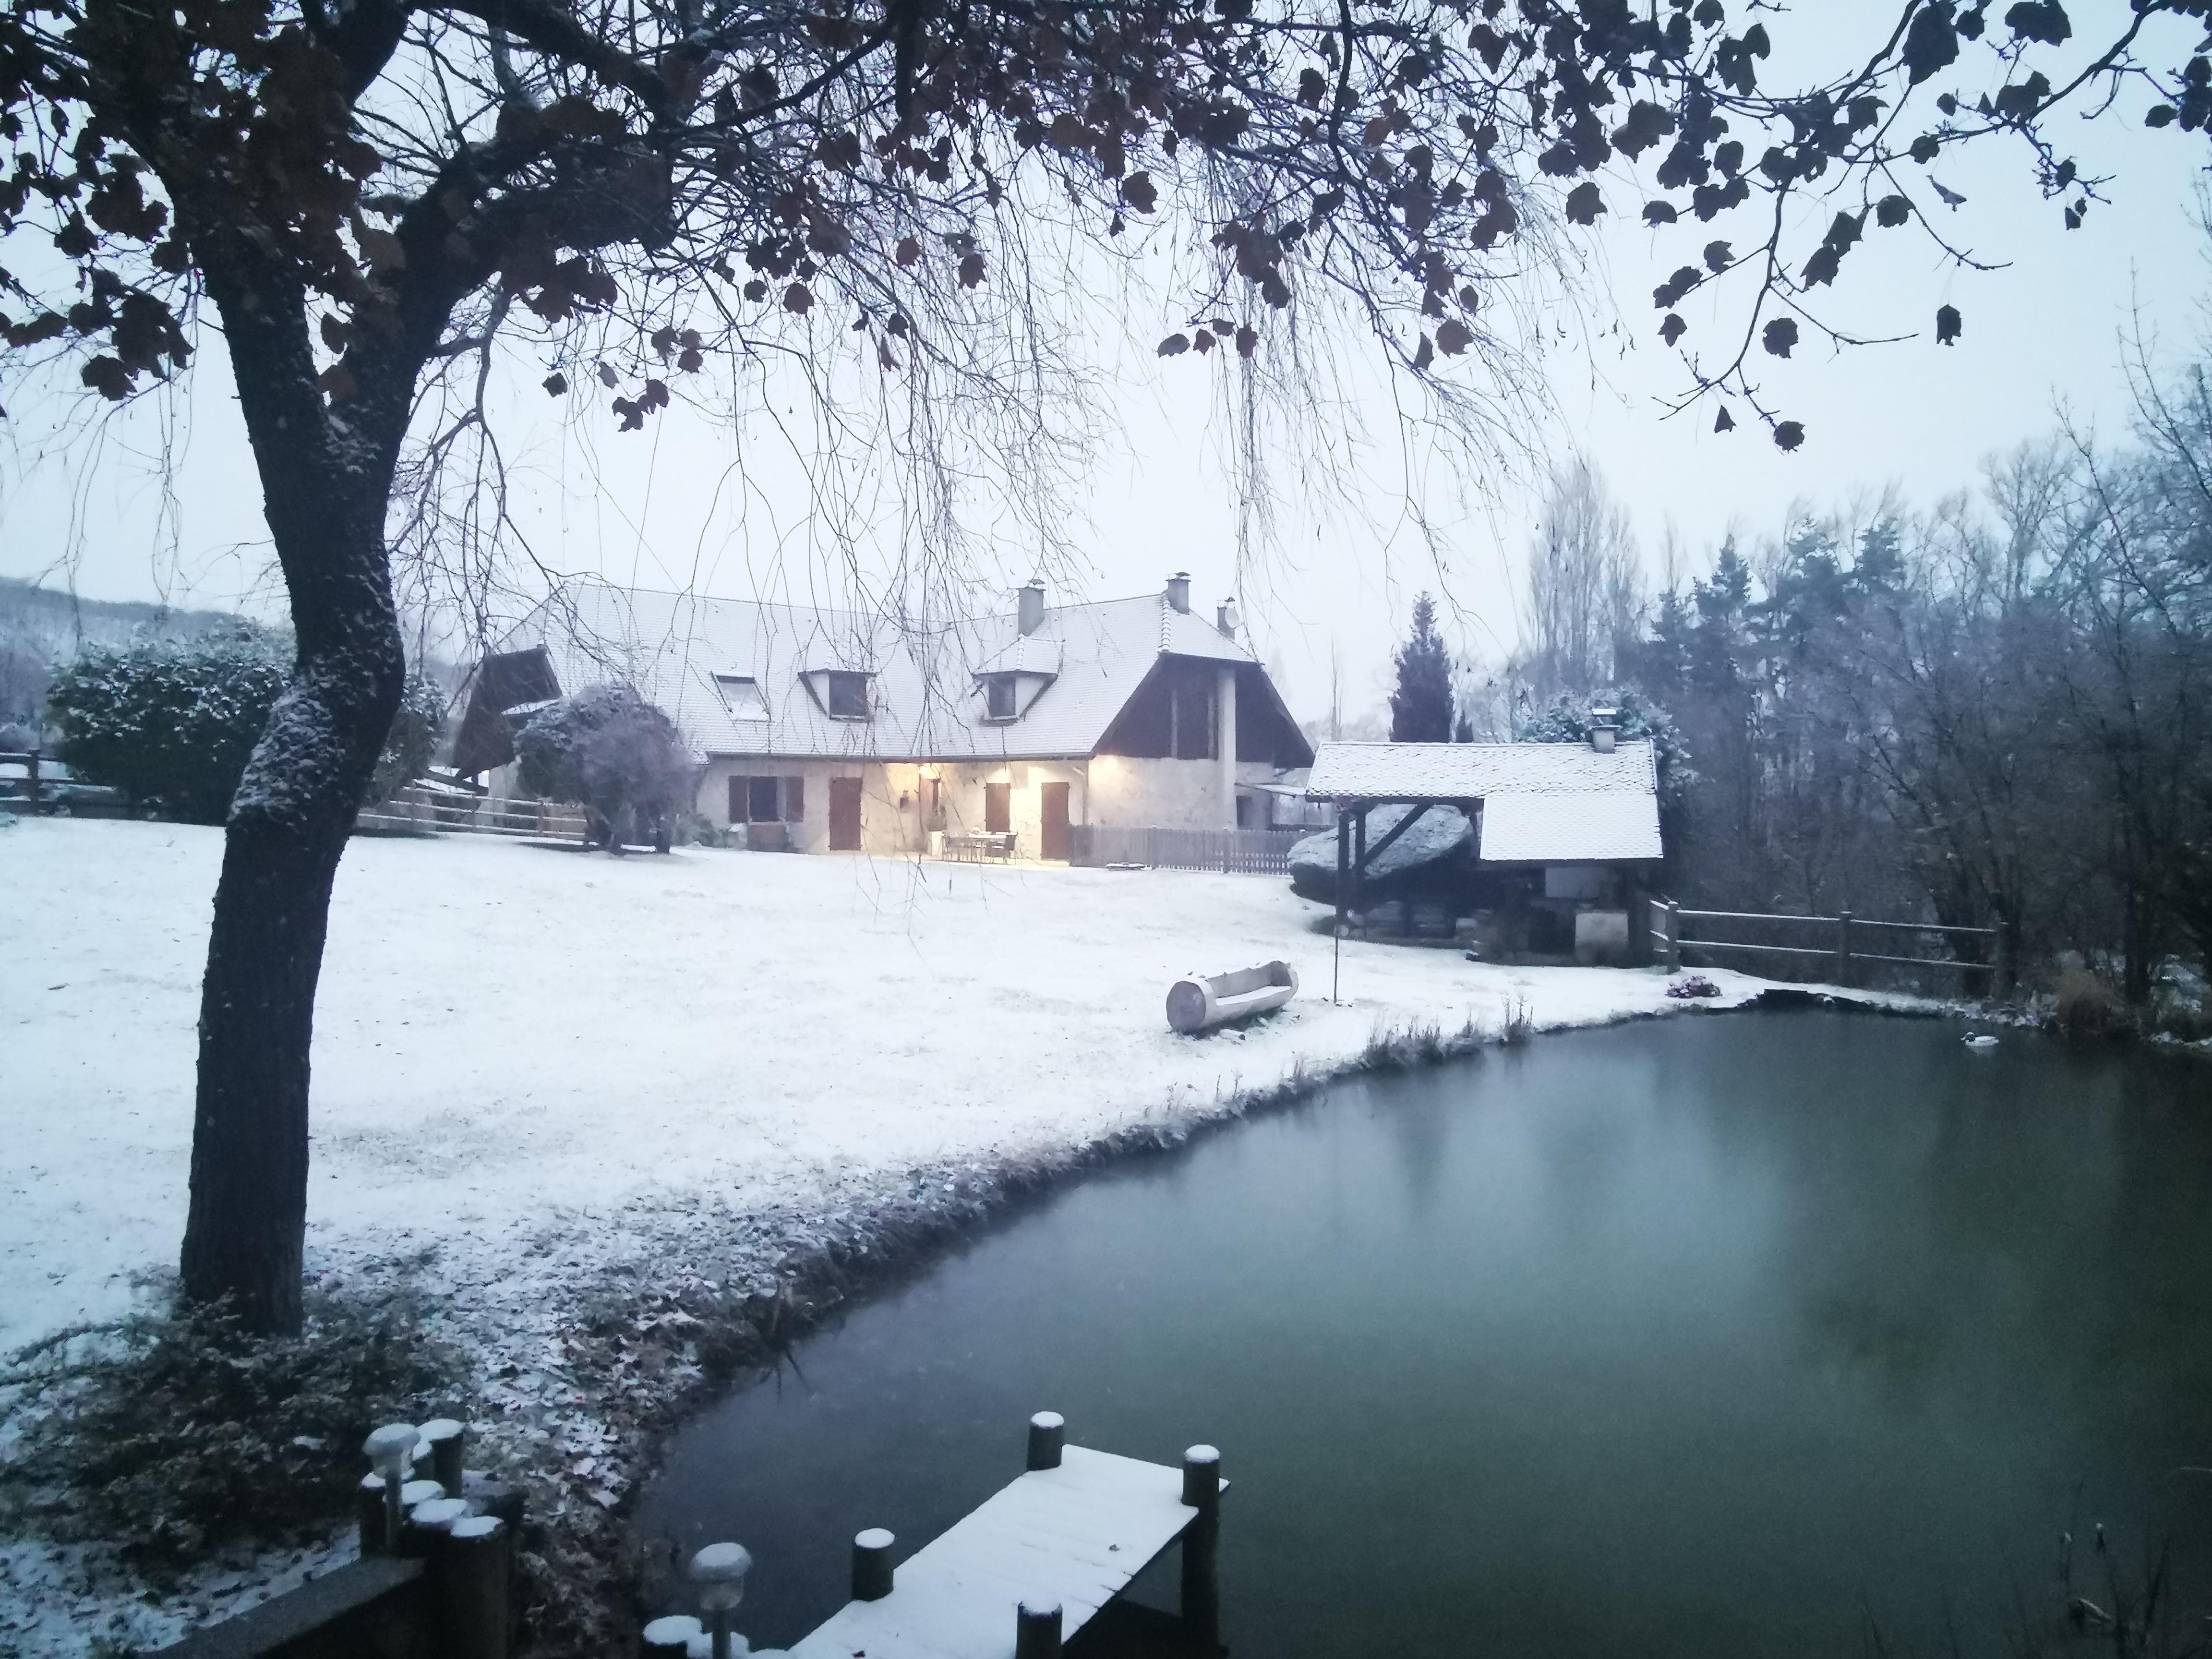 L'étang de la Tourne - Maison avec l'étang enneigé